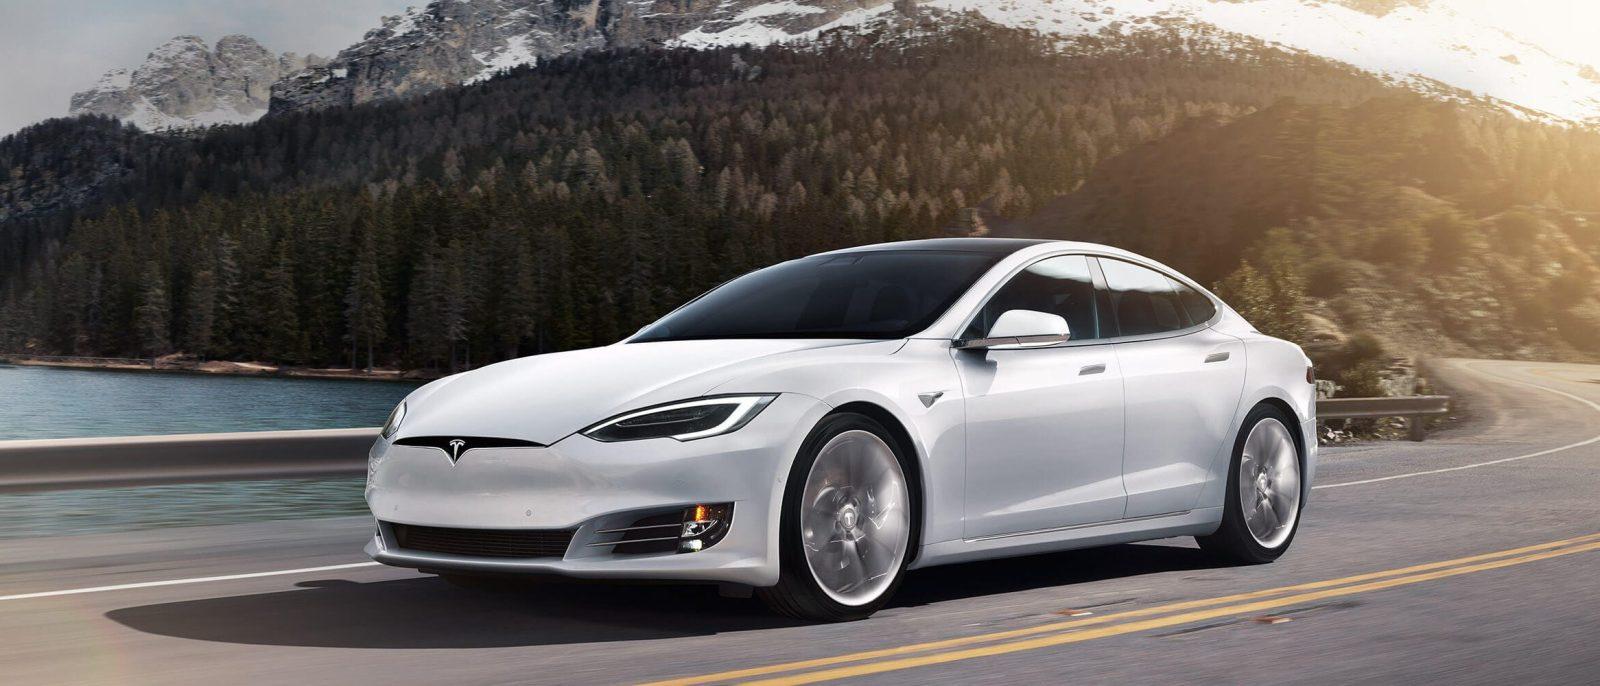 Сеть супермаркетов подала в суд на Tesla 1